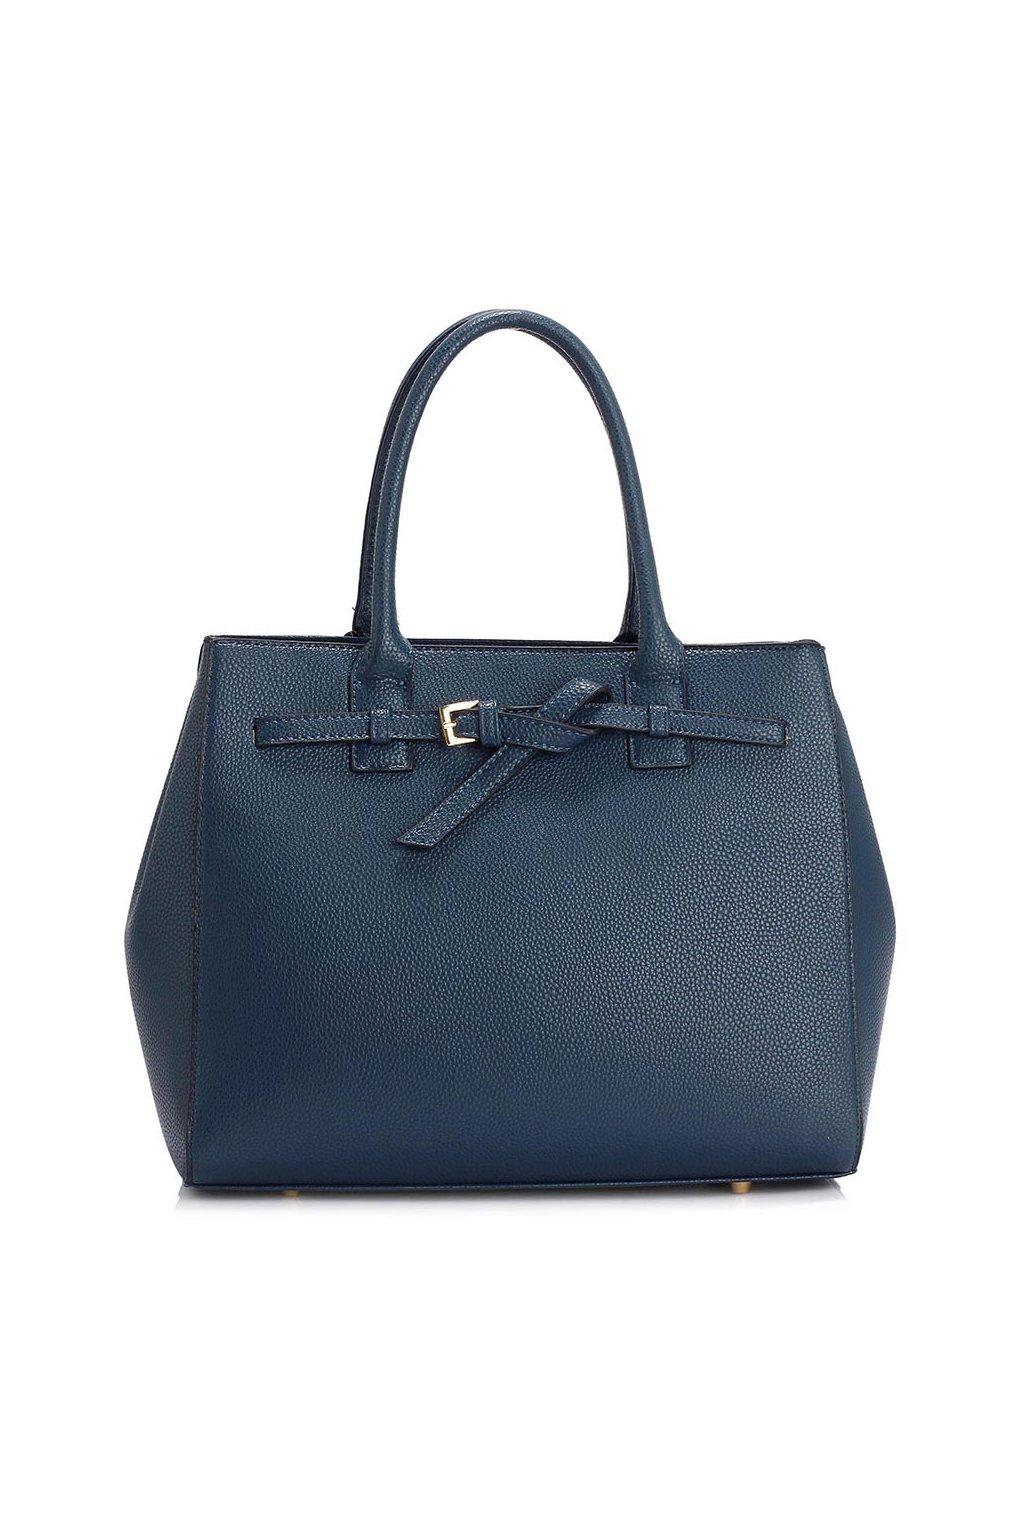 Námornícka kabelka do ruky Adriana AG00447